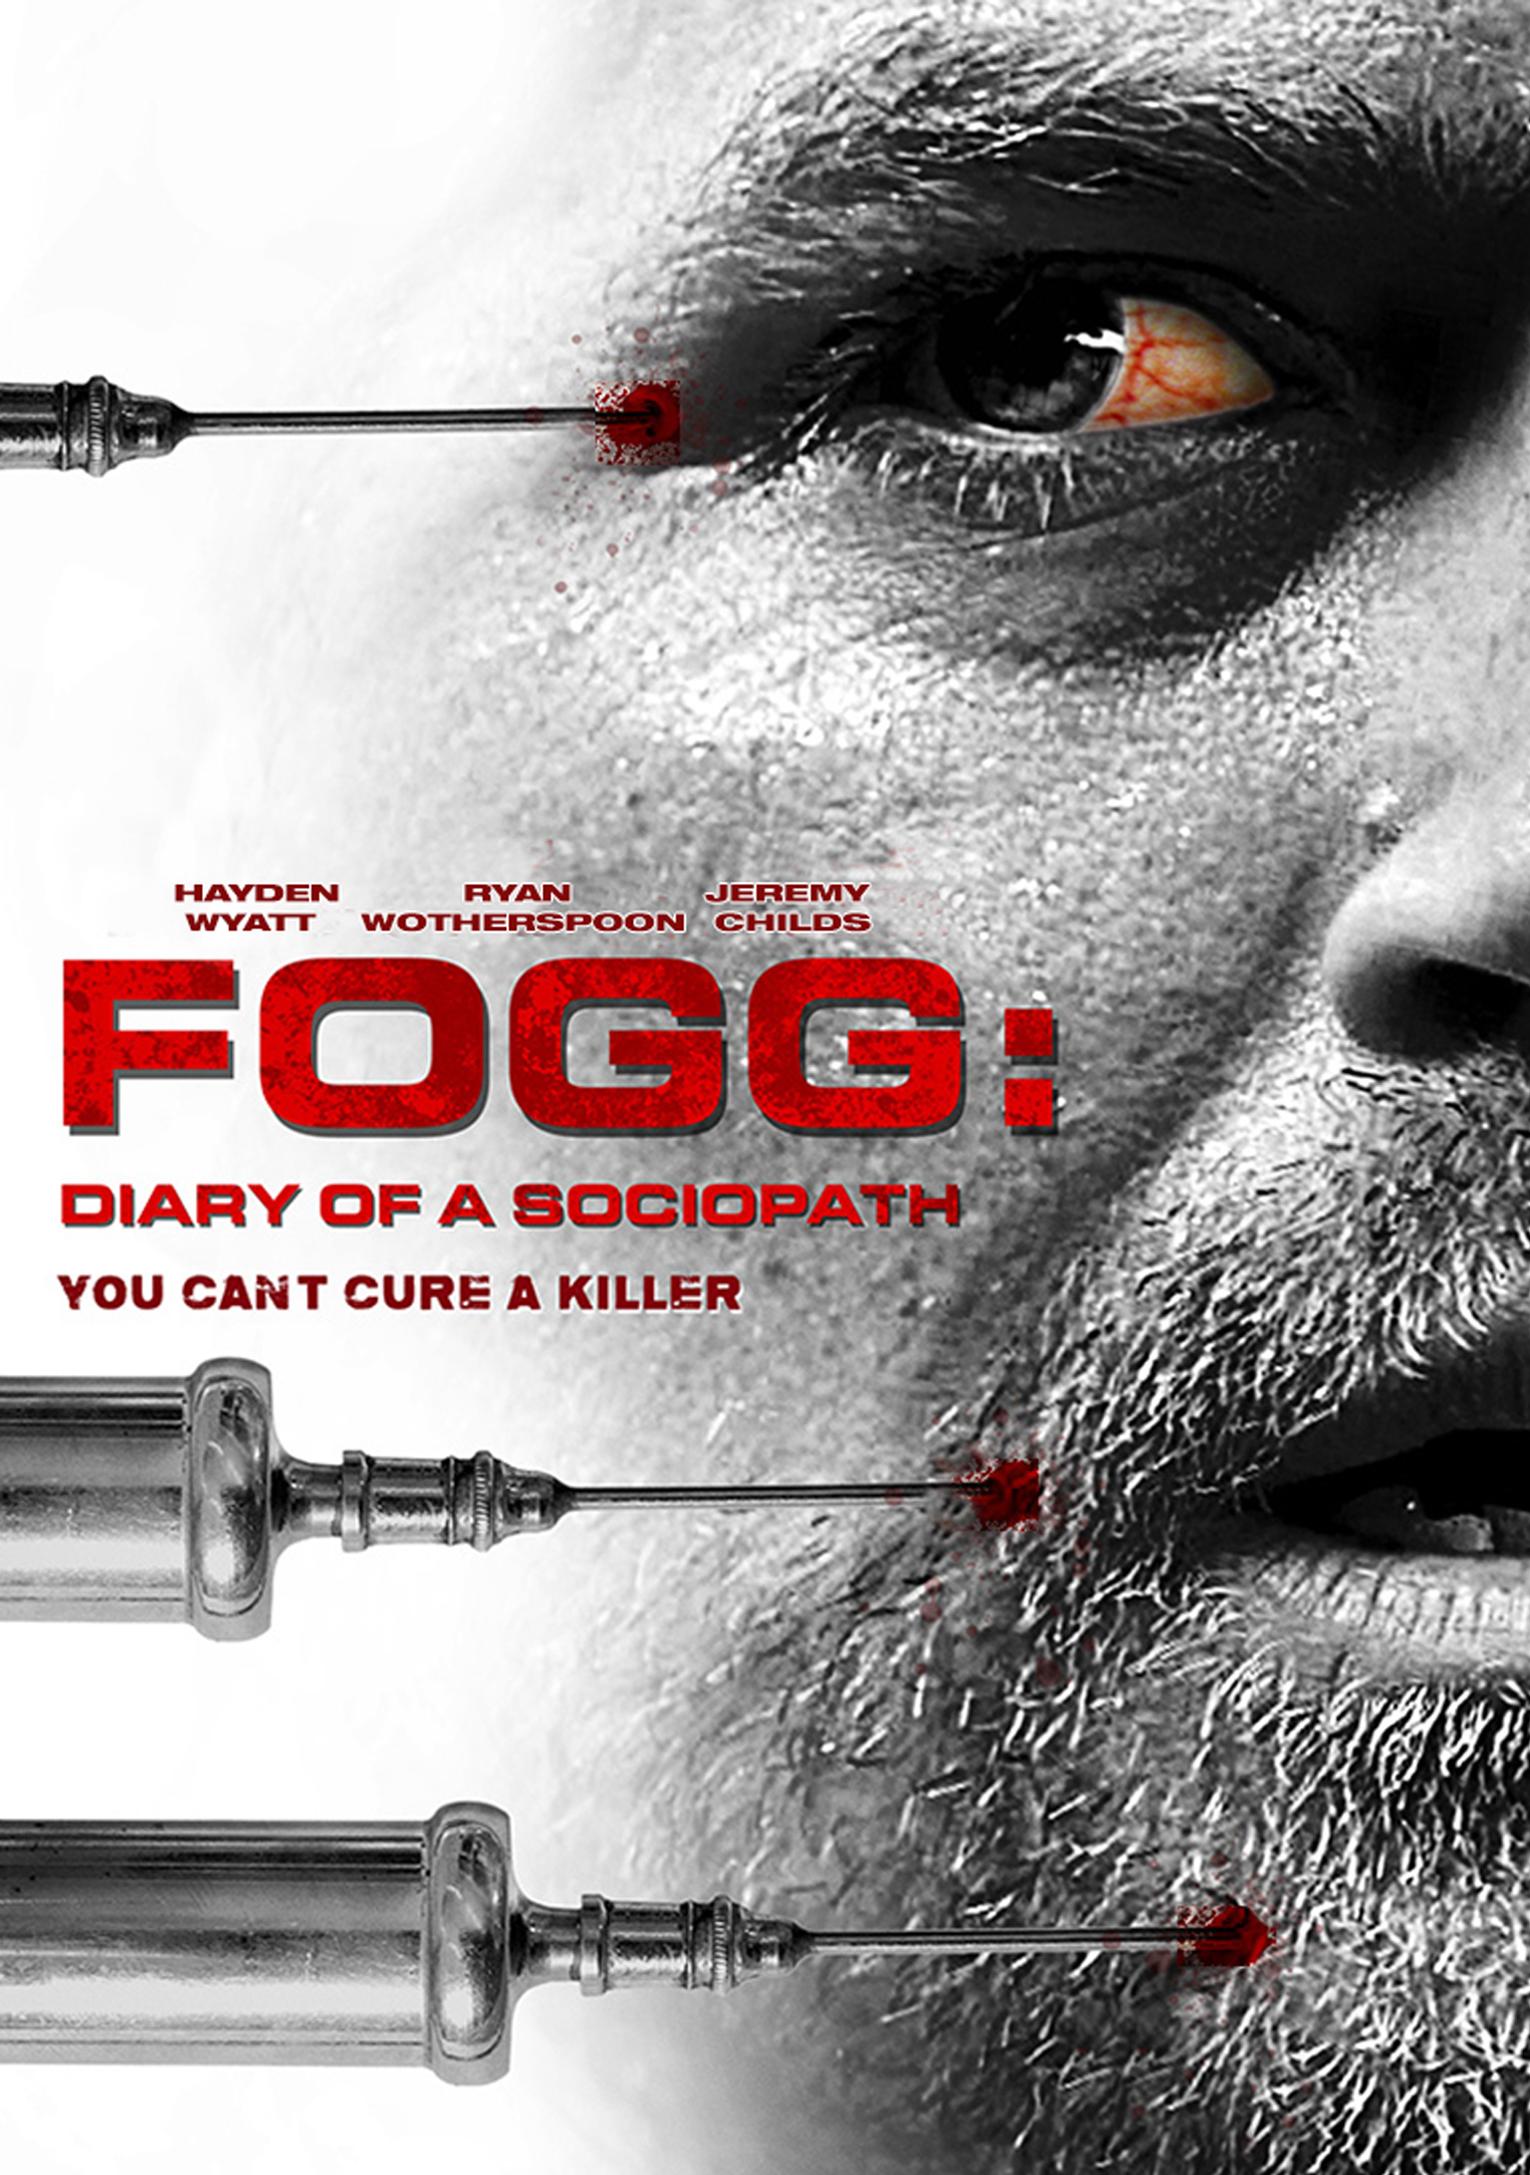 Fogg Diary of a Sociopath.jpg